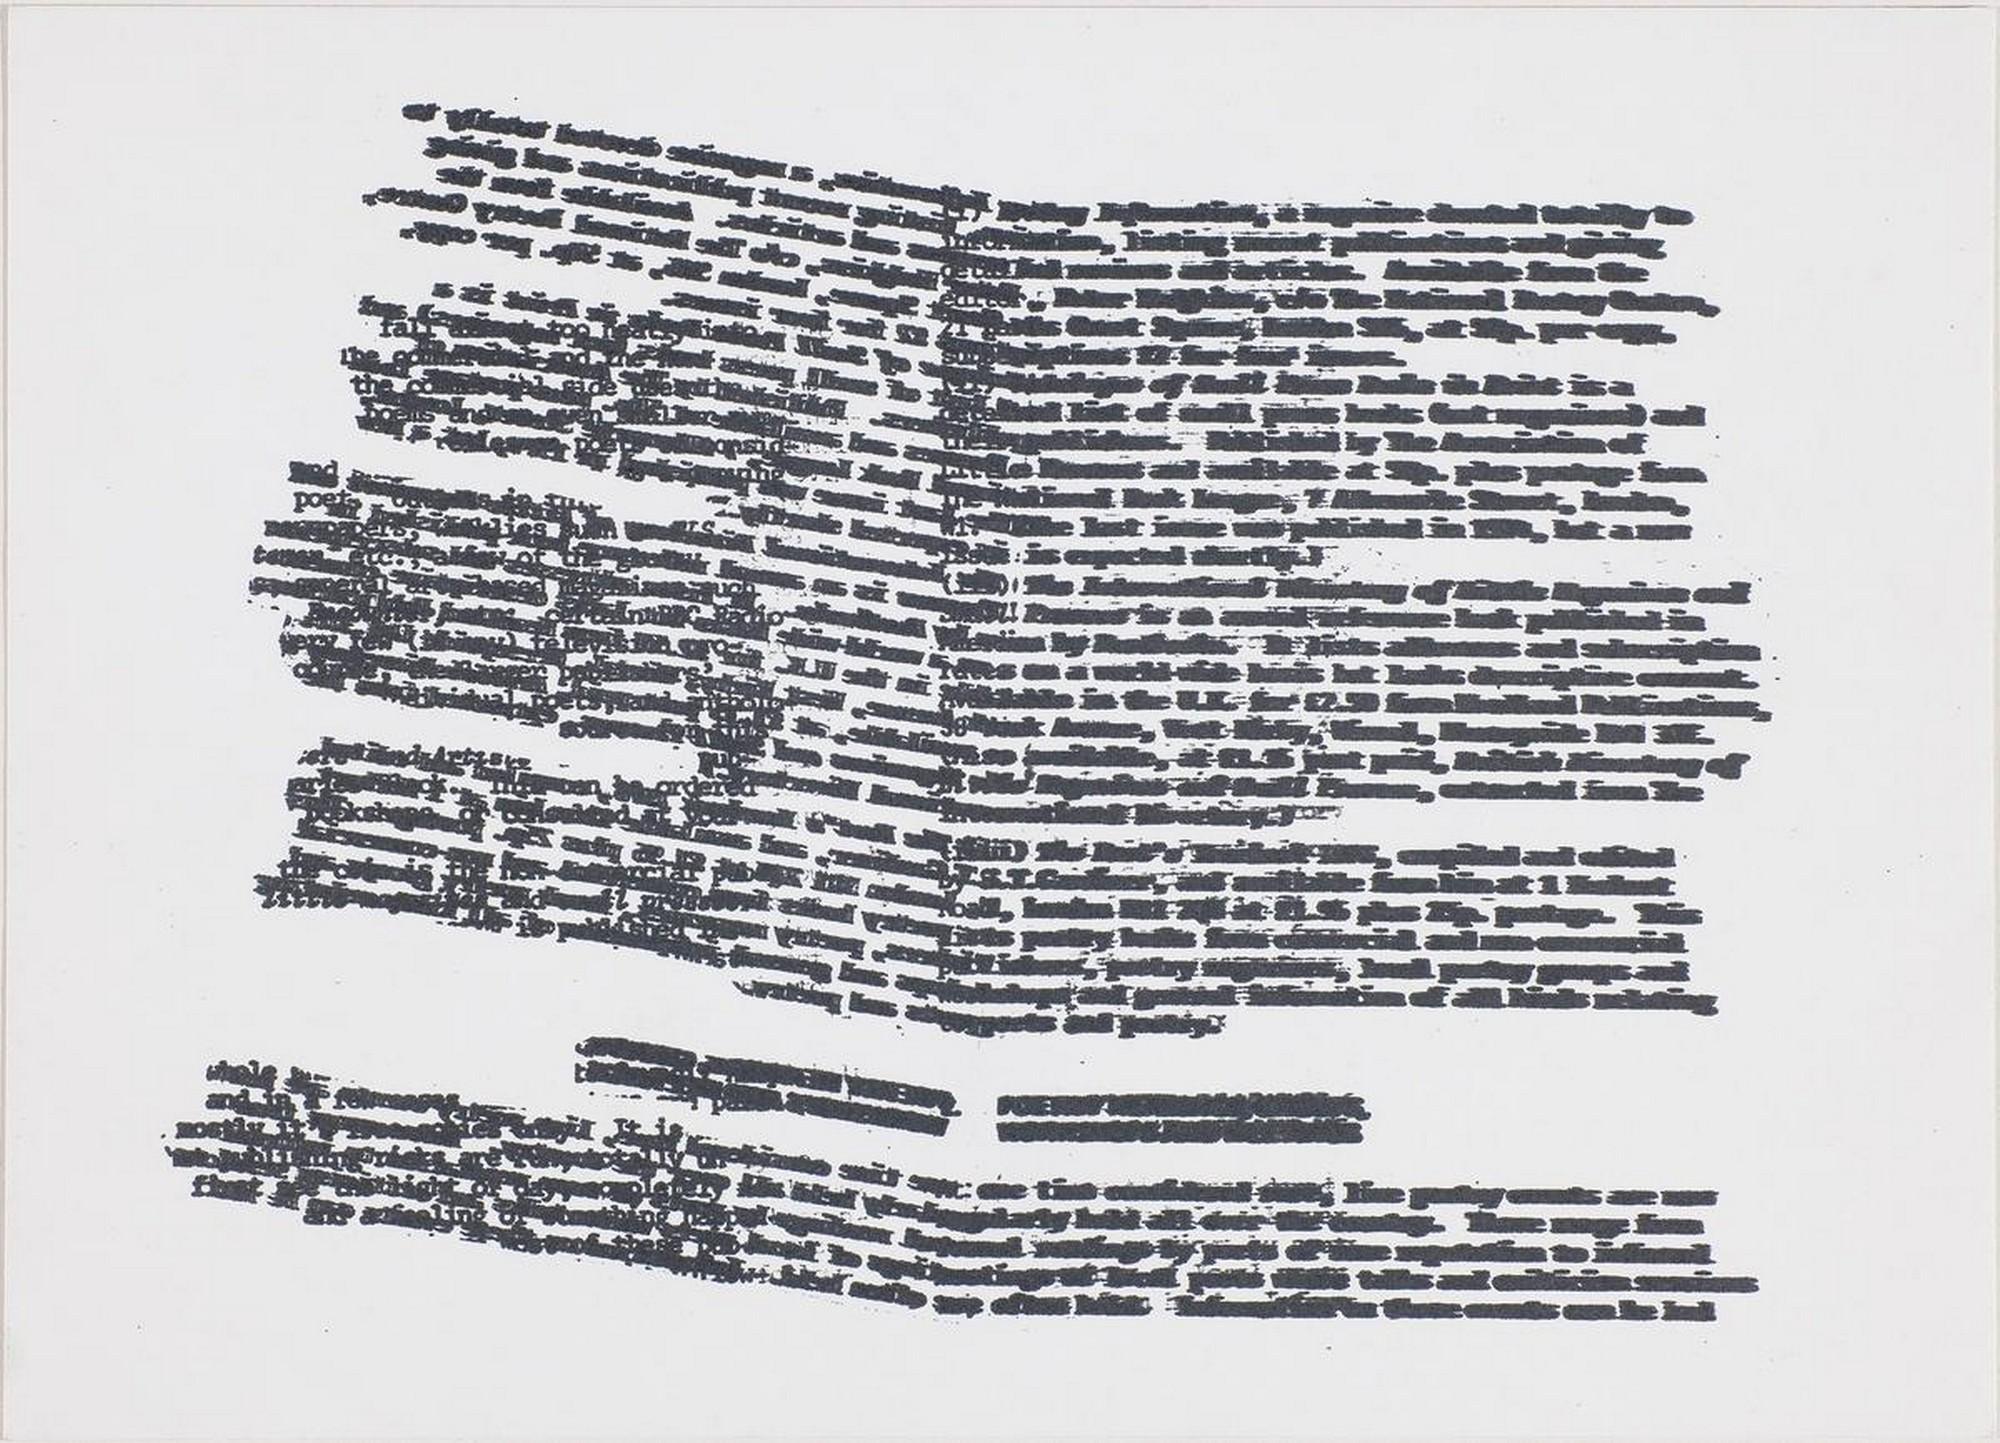 Bob Cobbing, bez tytułu / untitled, grafika, 1976 (źródło: materiały prasowe)